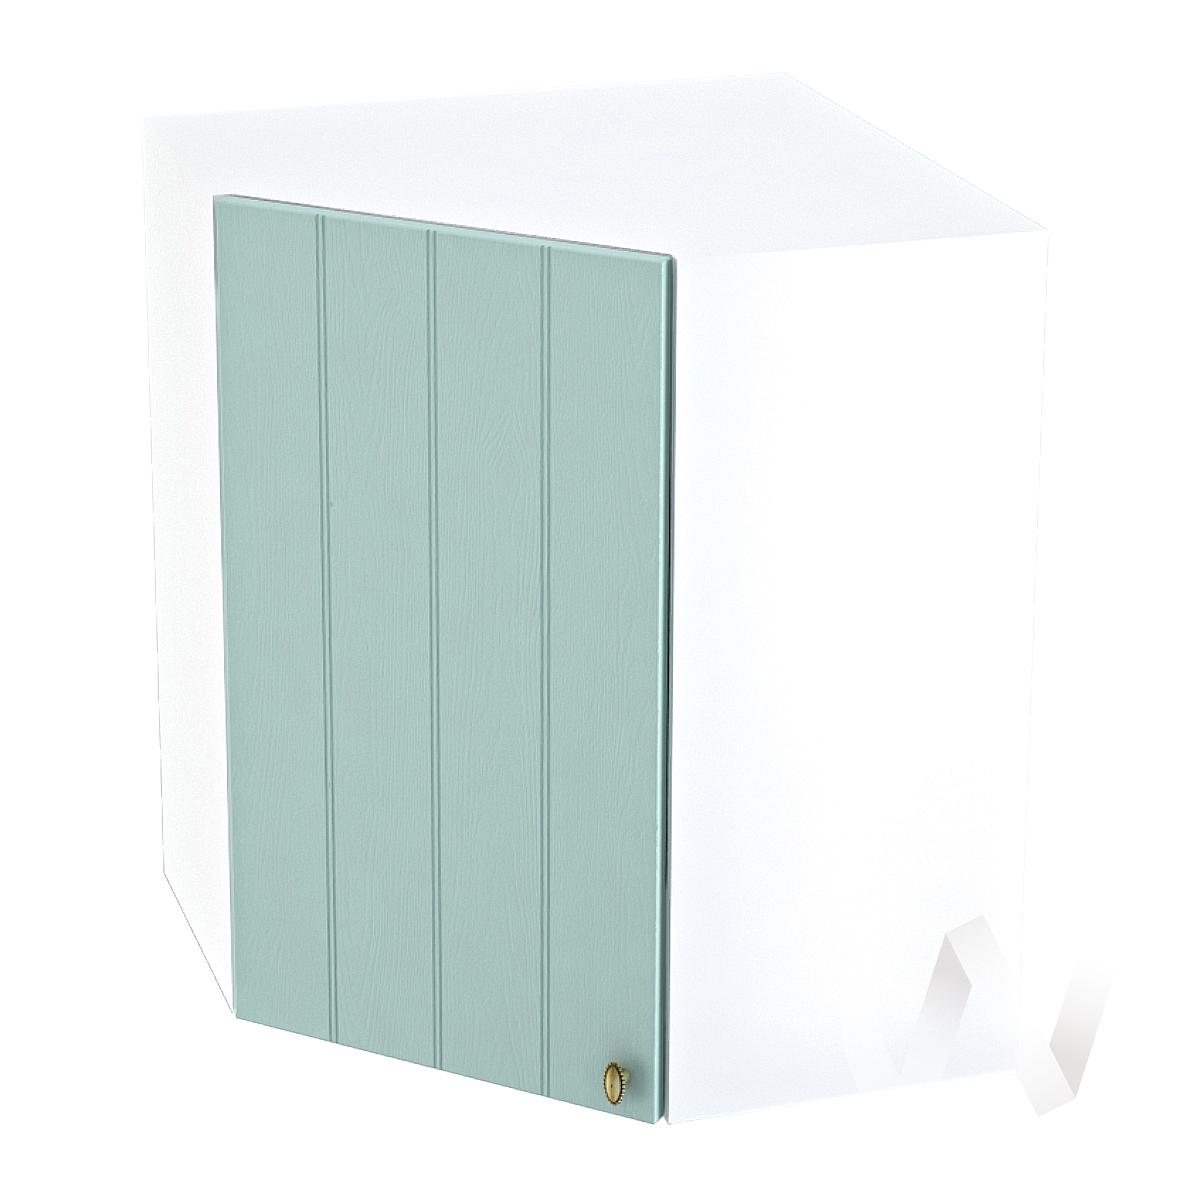 """Кухня """"Прованс"""": Шкаф верхний угловой 590, ШВУ 590 (голубой/корпус белый)"""